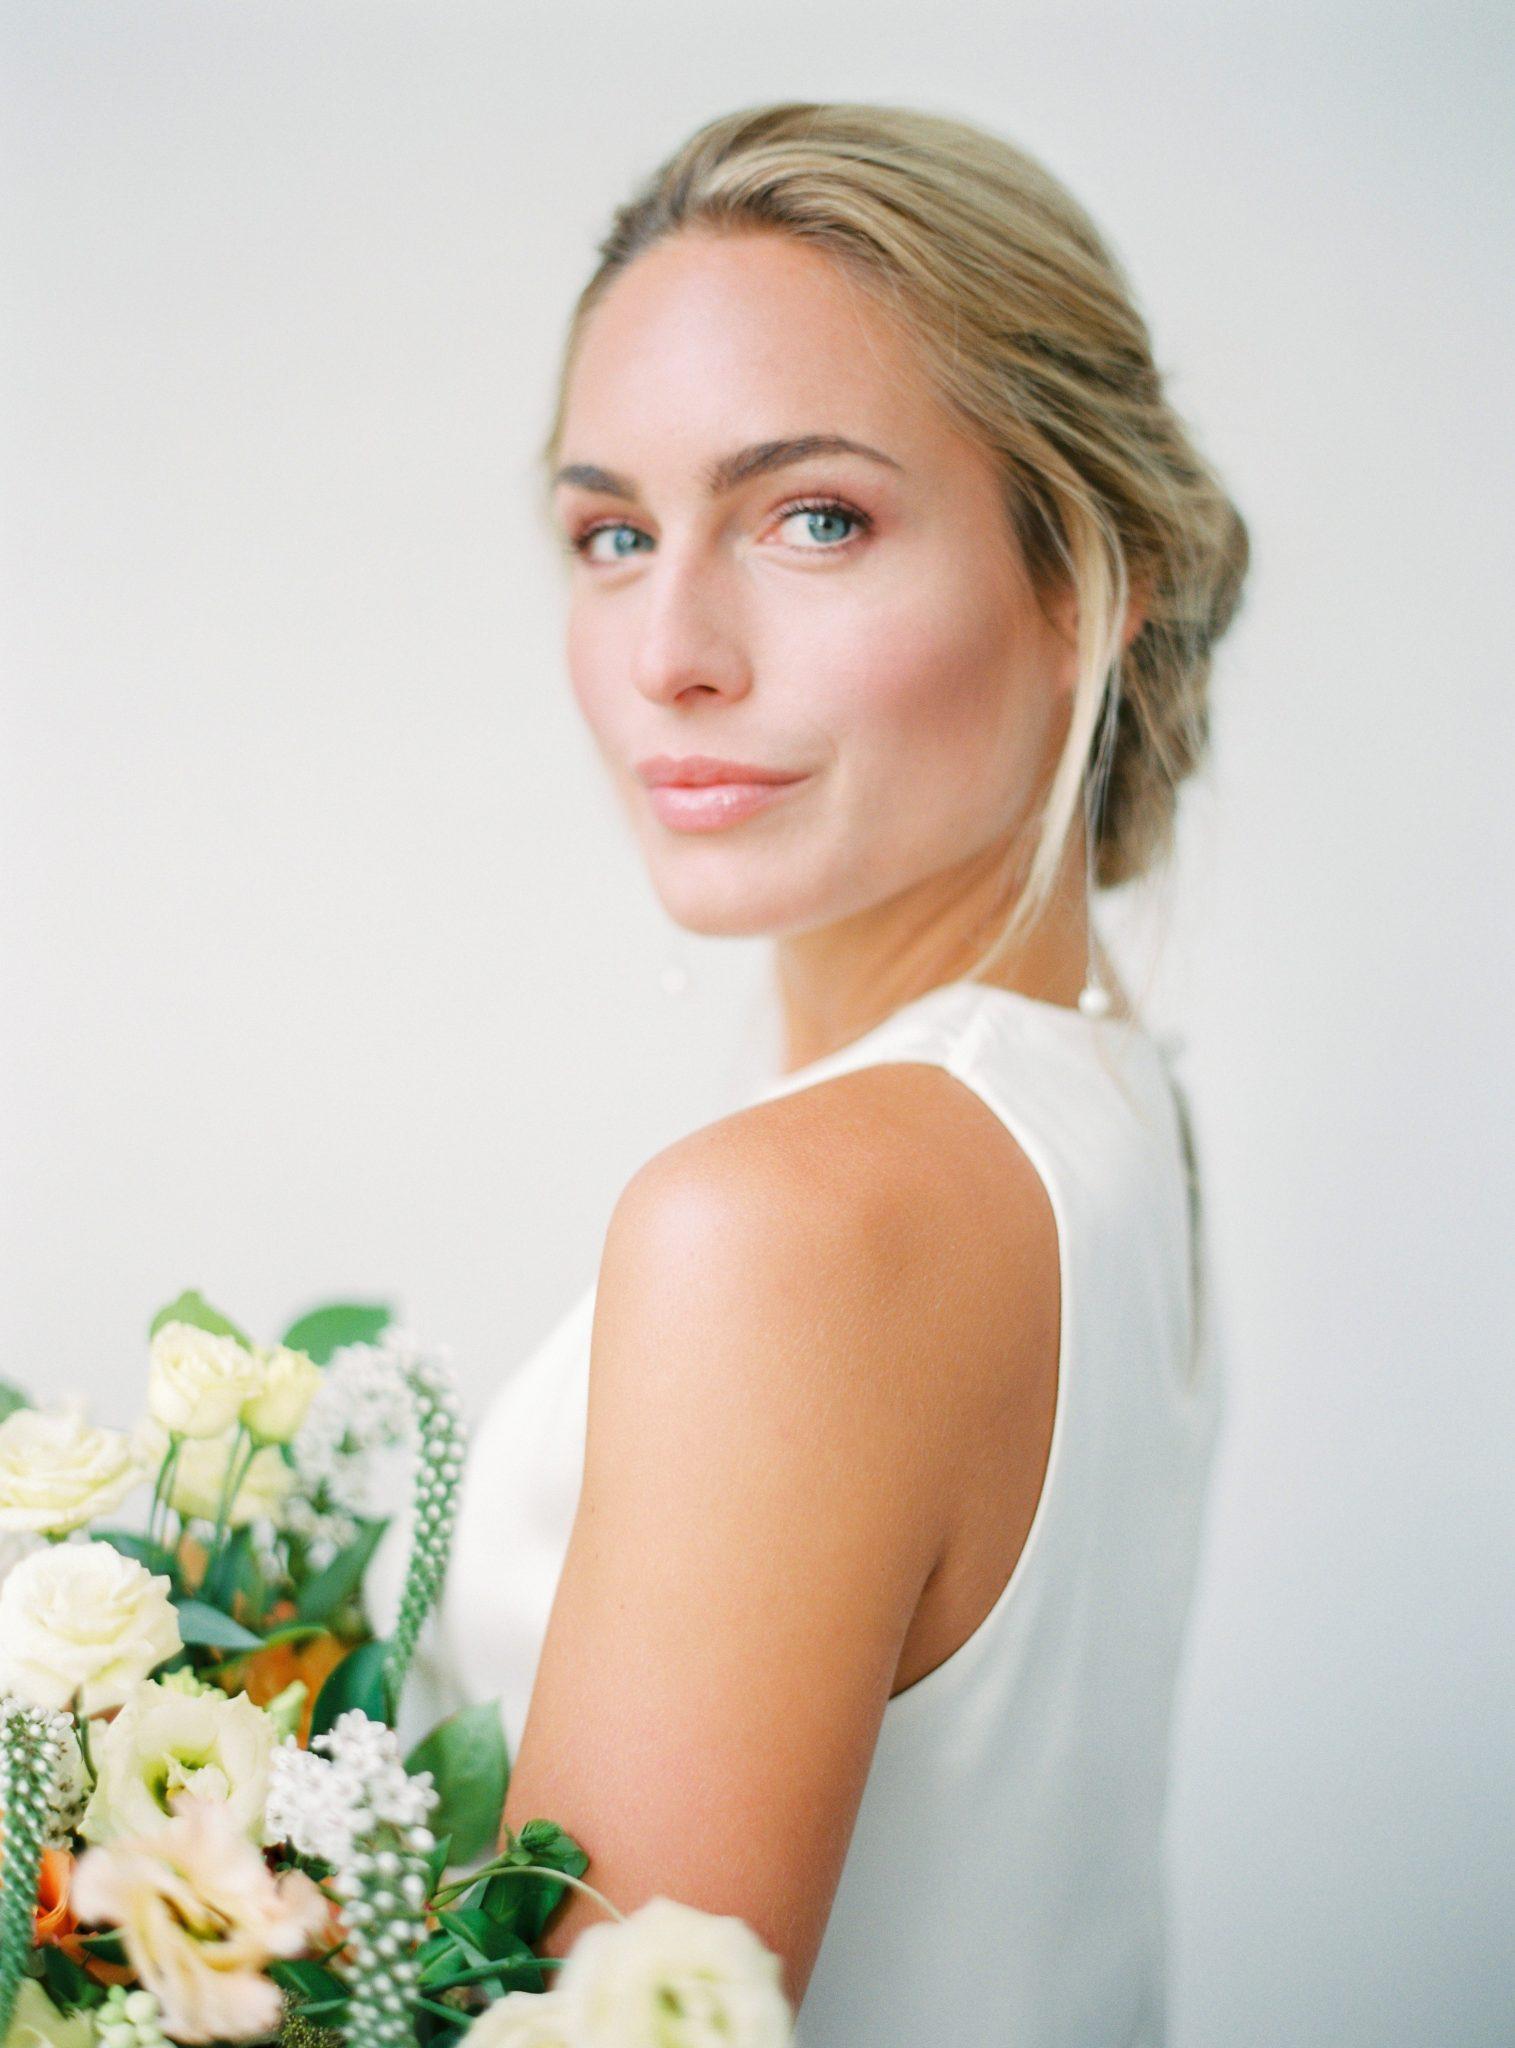 Foto: KatjaScherle Hochzeit Make-up Haare Styling wedding Stylist